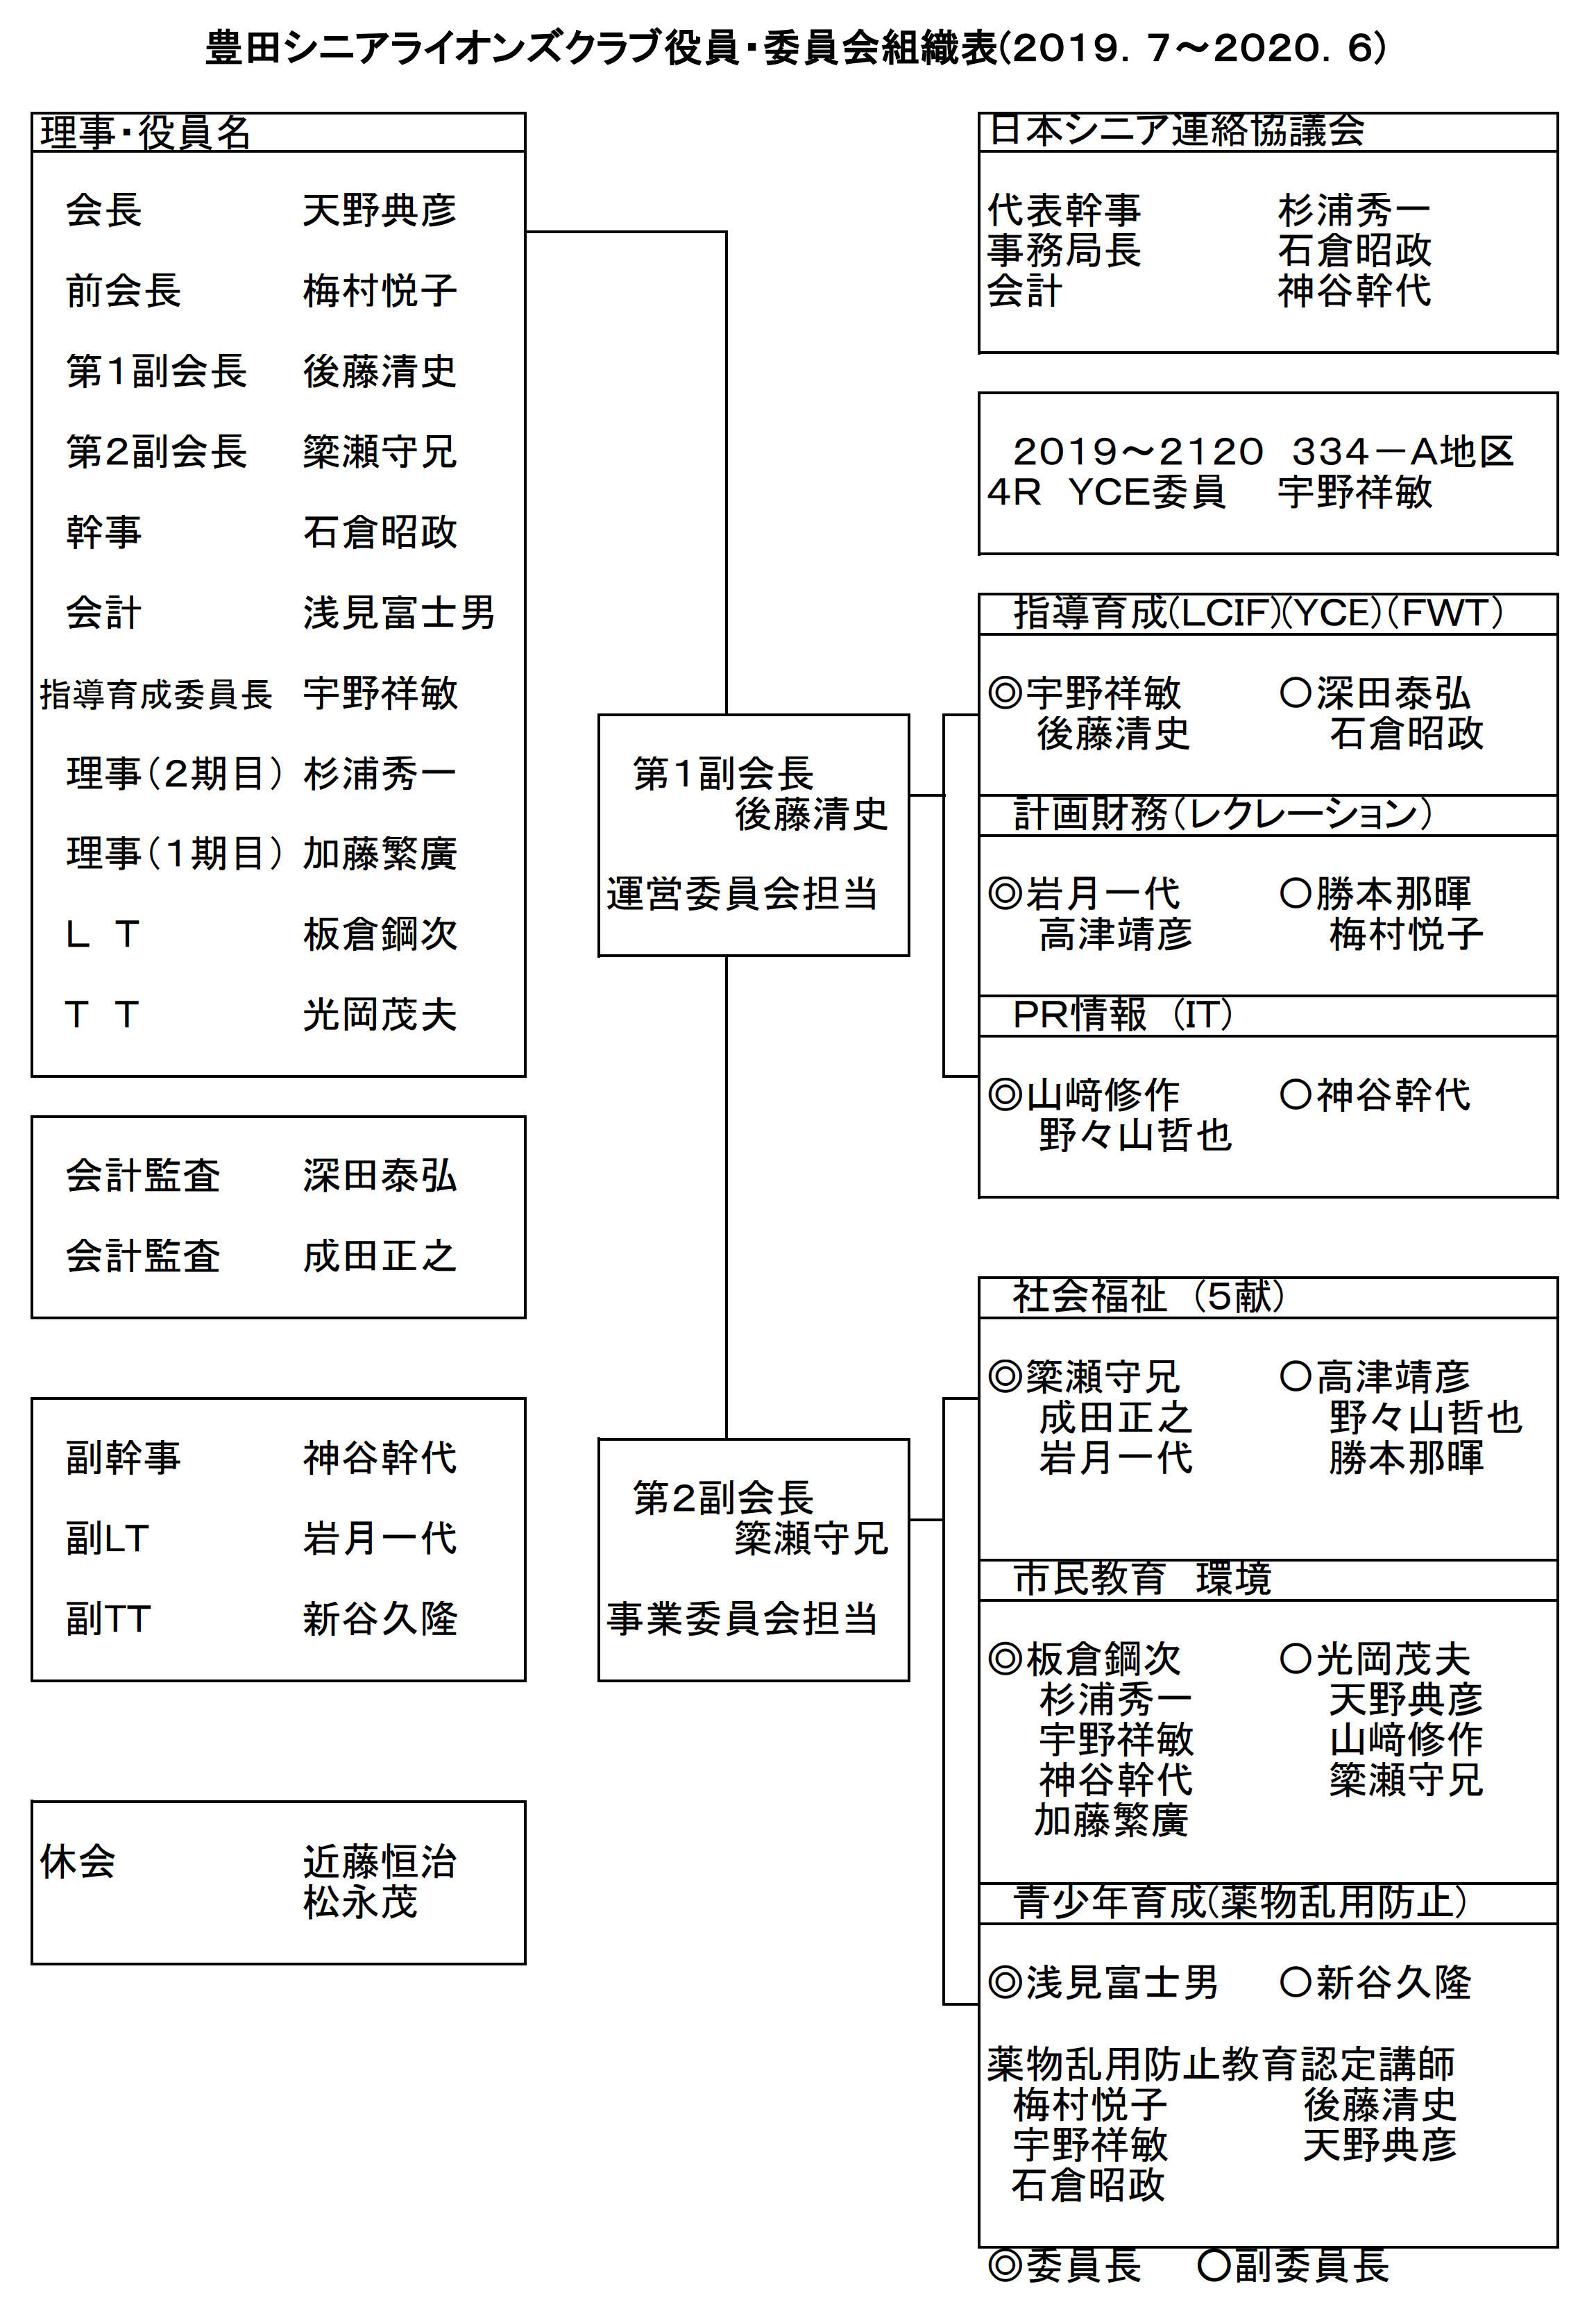 3豊田シニアLC組織表1